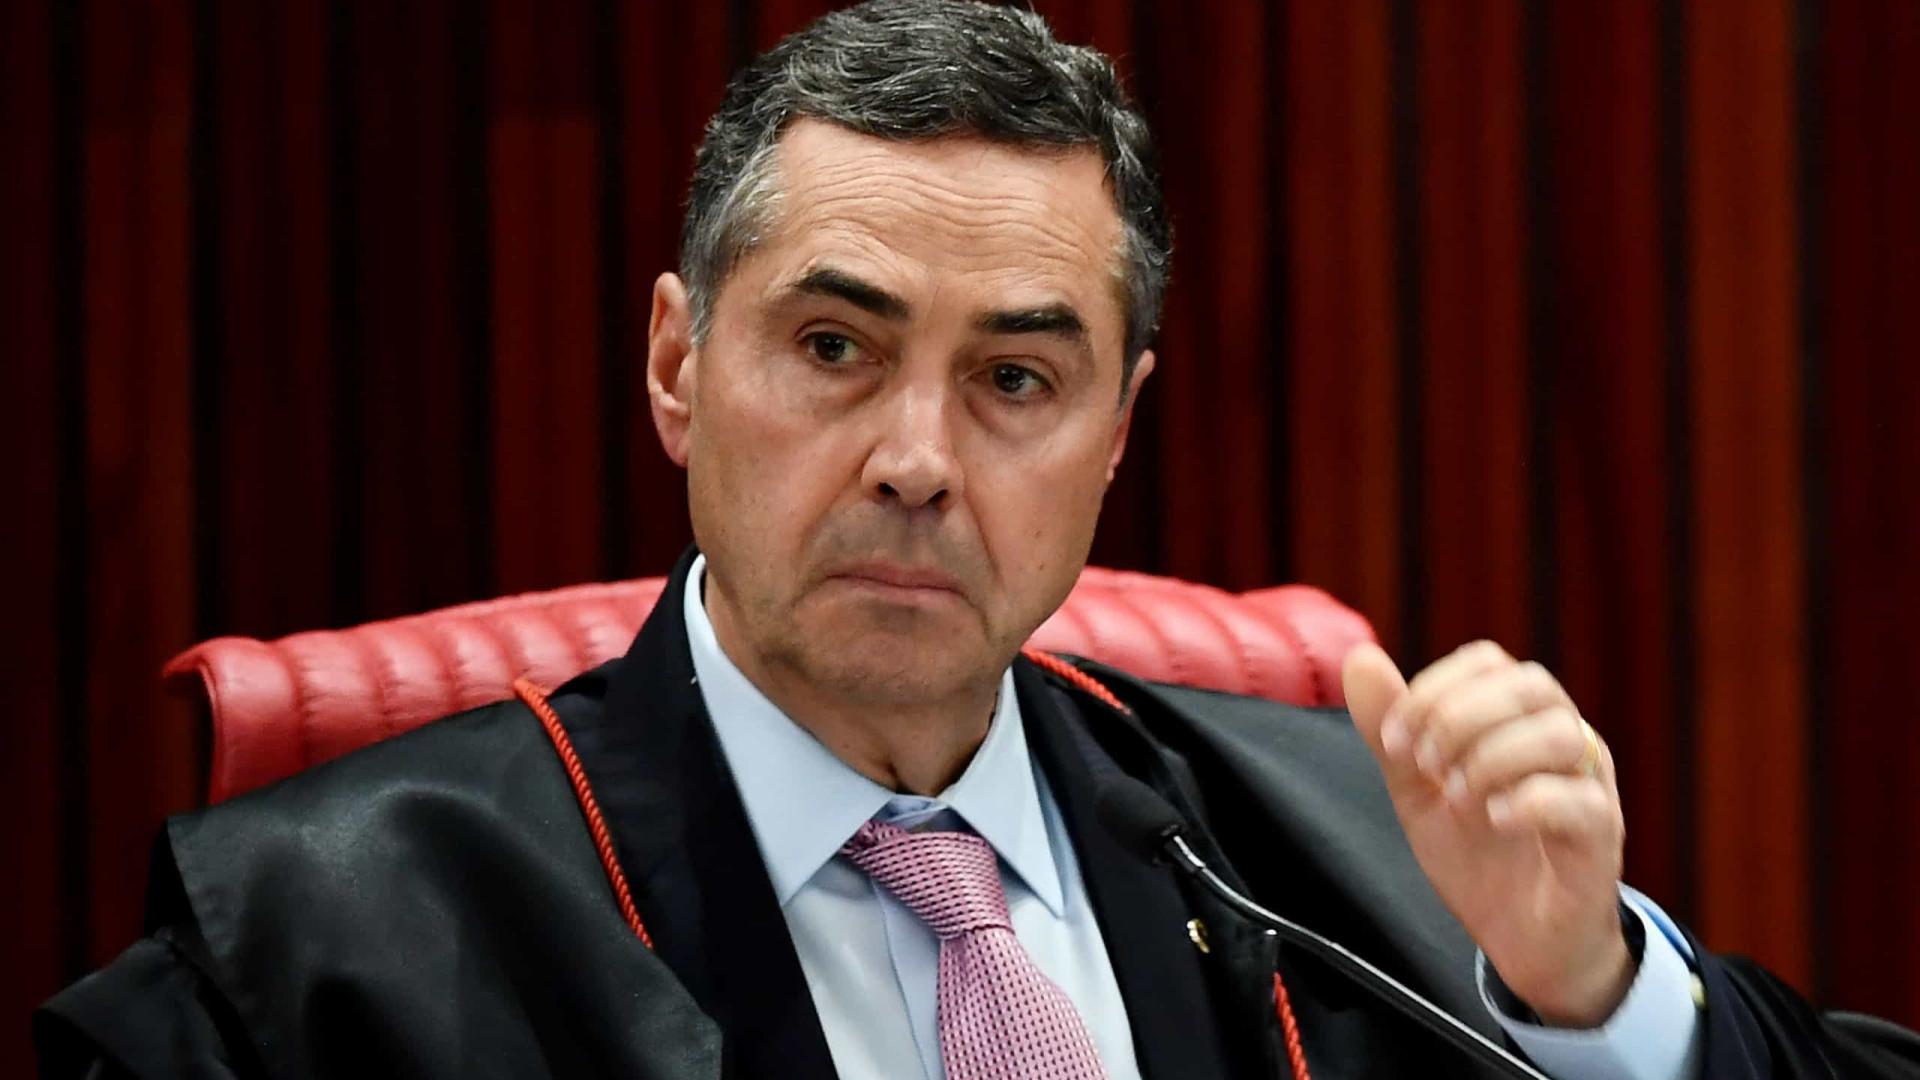 Barroso diz que sistema eletrônico é seguro: não temos preocupação